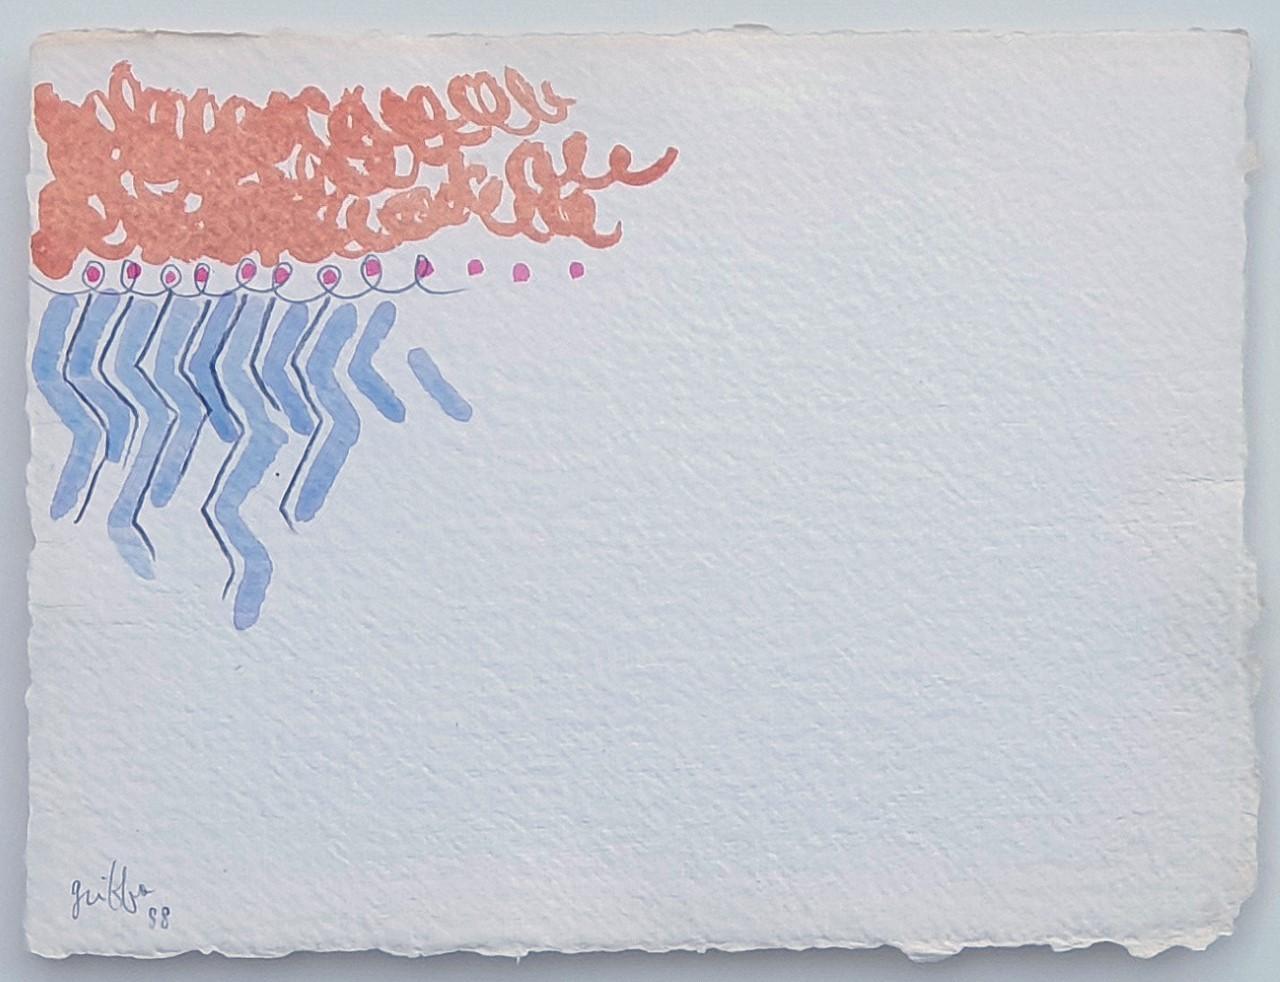 Scrittura pittorica sospesa nel vuoto. I segni primari di Giorgio Griffa a Verona